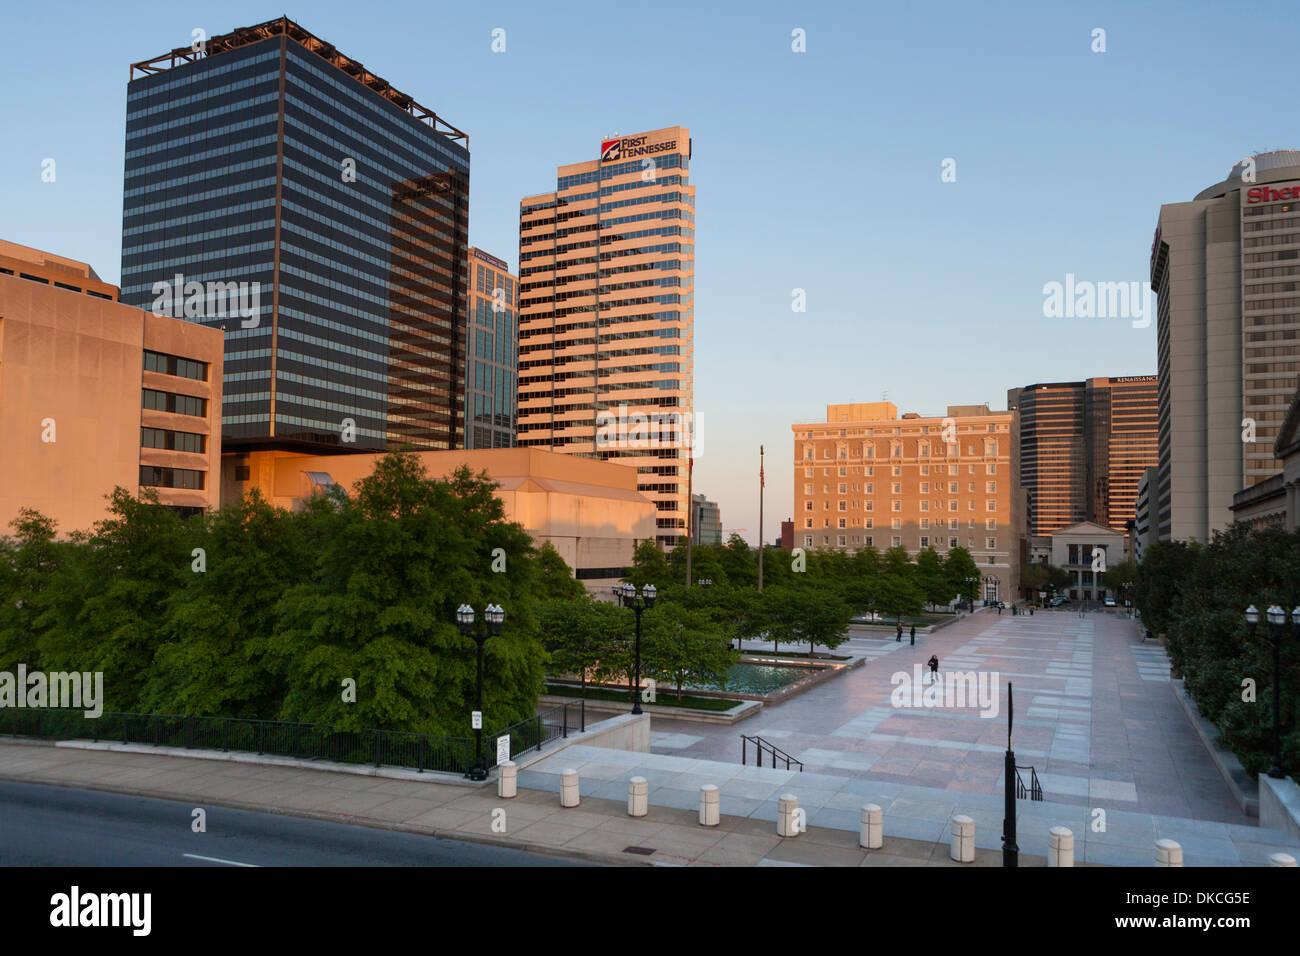 Die Innenstadt von Nashville, TN, USA Stockfoto